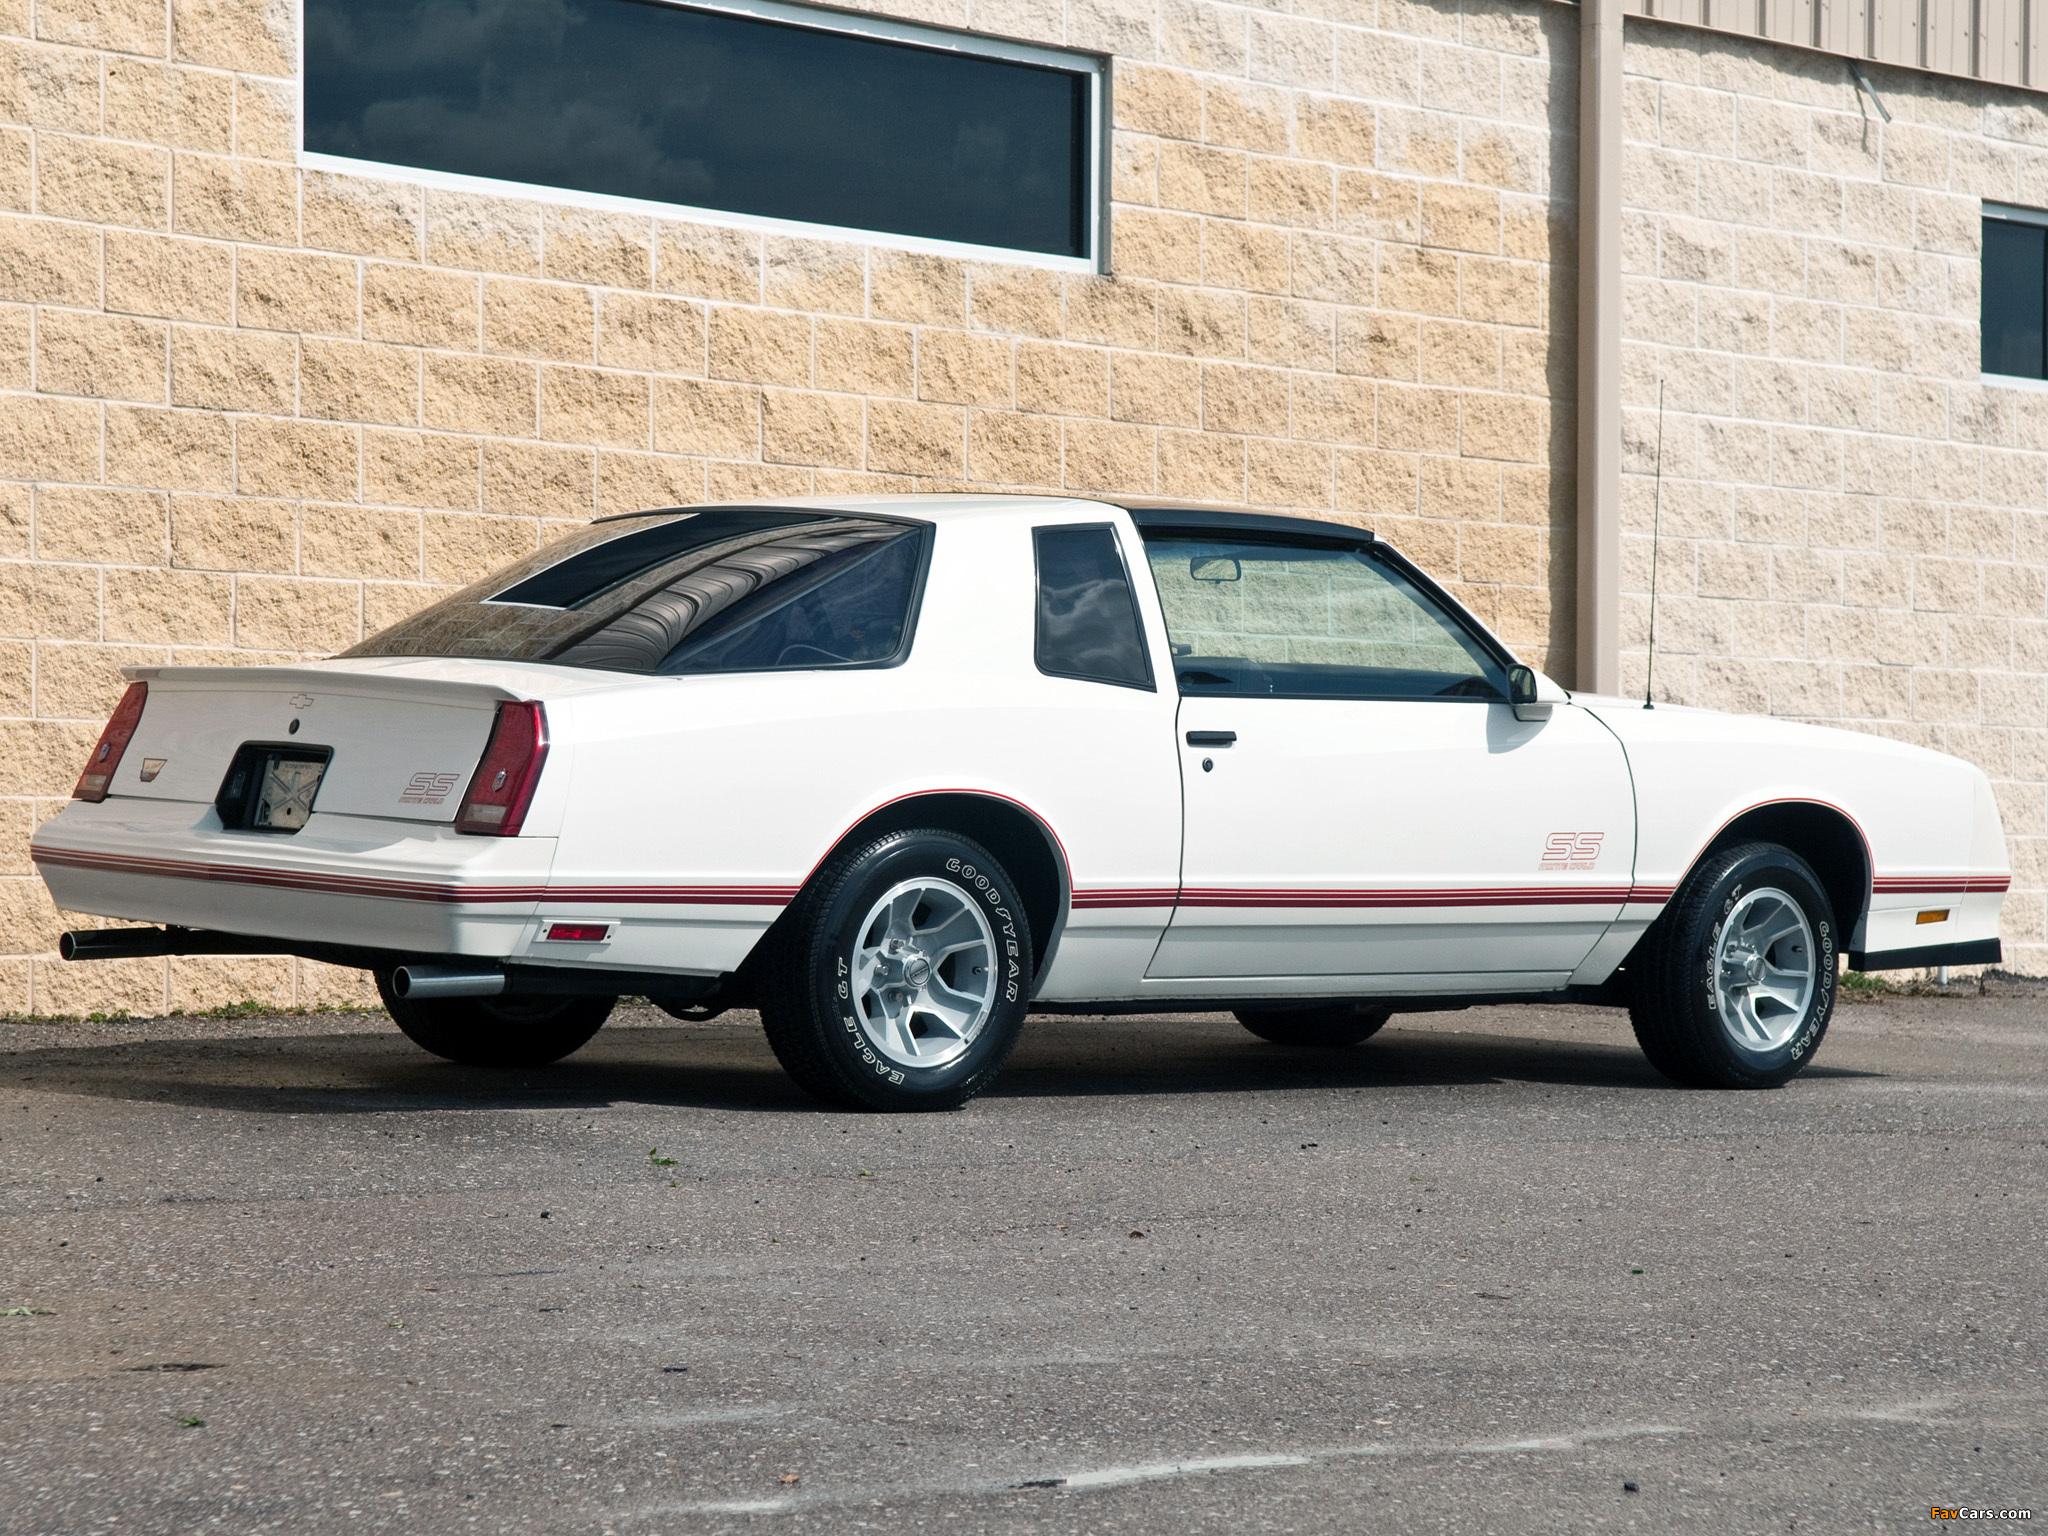 Monte Carlo Ss >> Photos of Chevrolet Monte Carlo SS Aerocoupe 1987 (2048x1536)